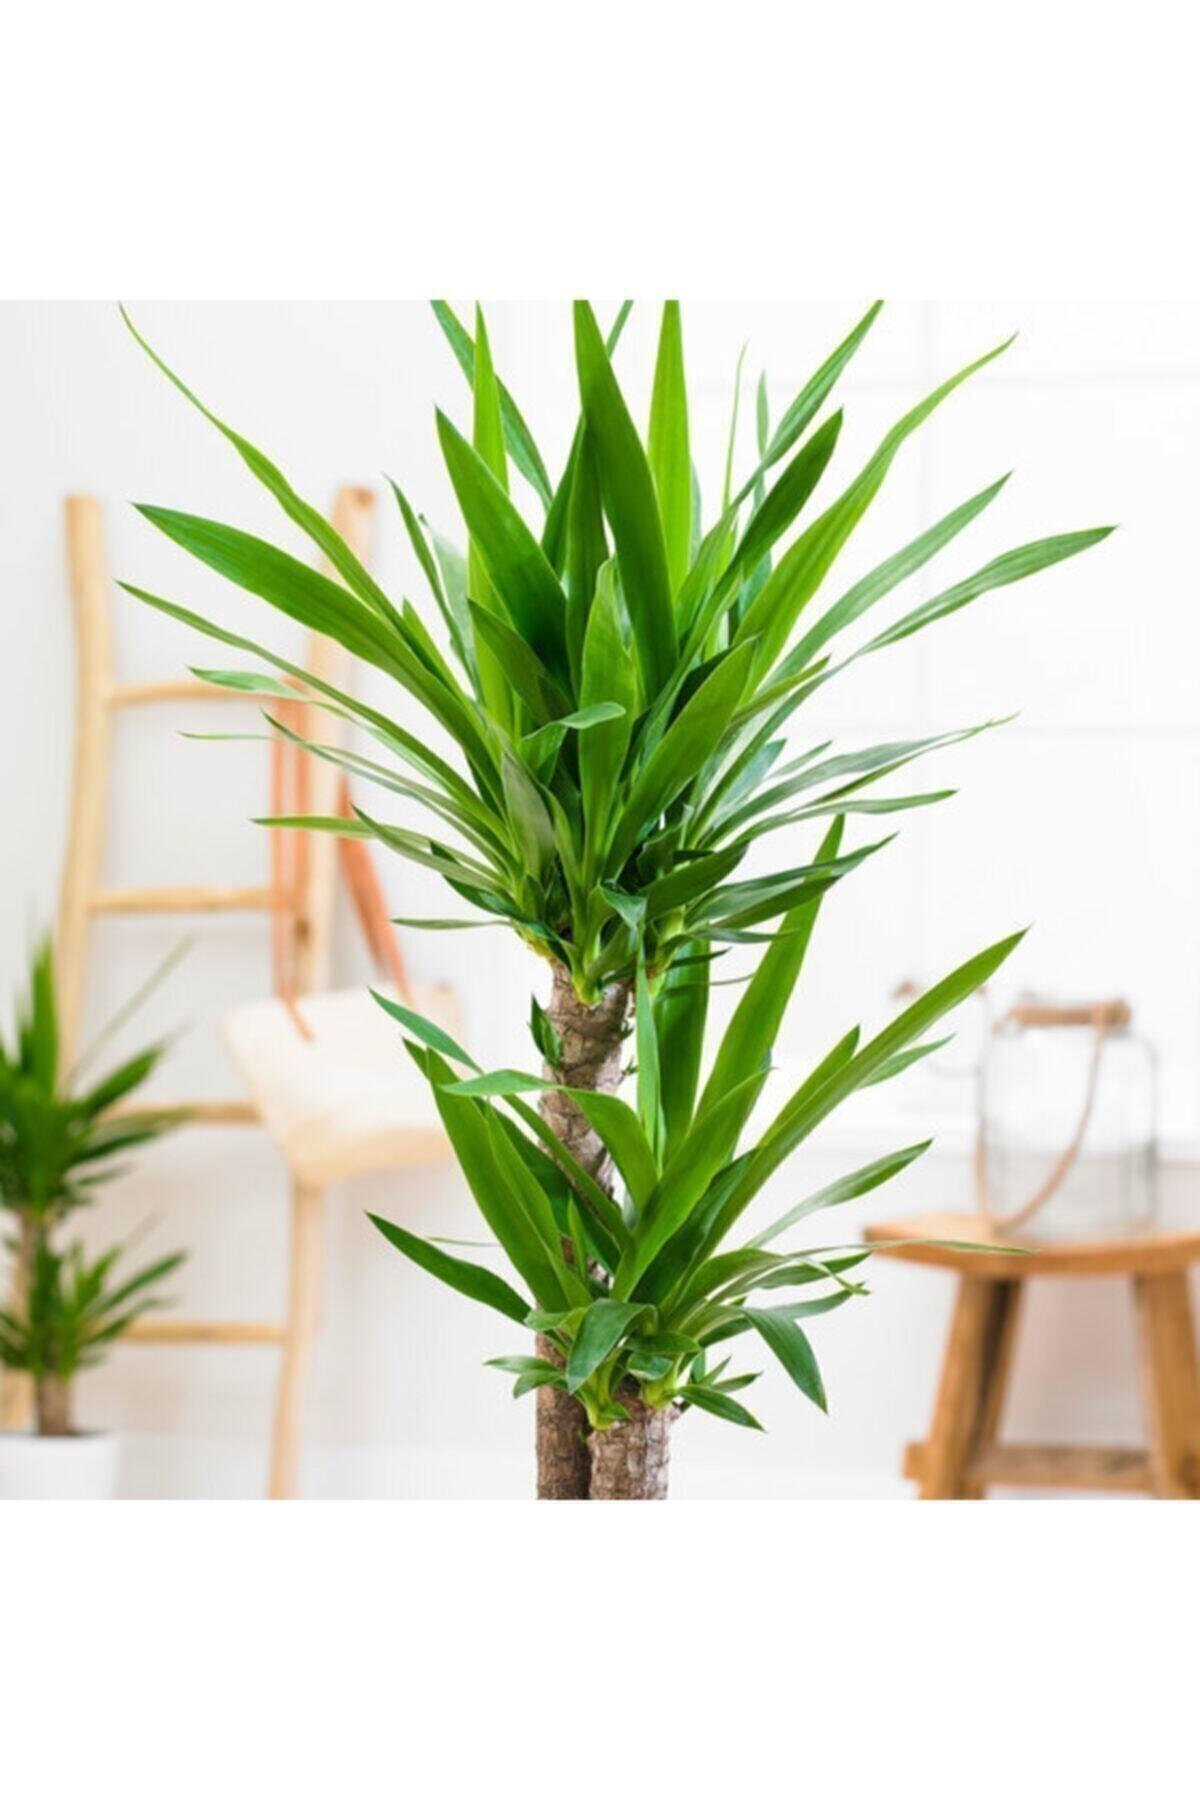 SalonBitkileri Yuka 2'li Çiçeği 80-100cm (Üretim Saksılı ) 2